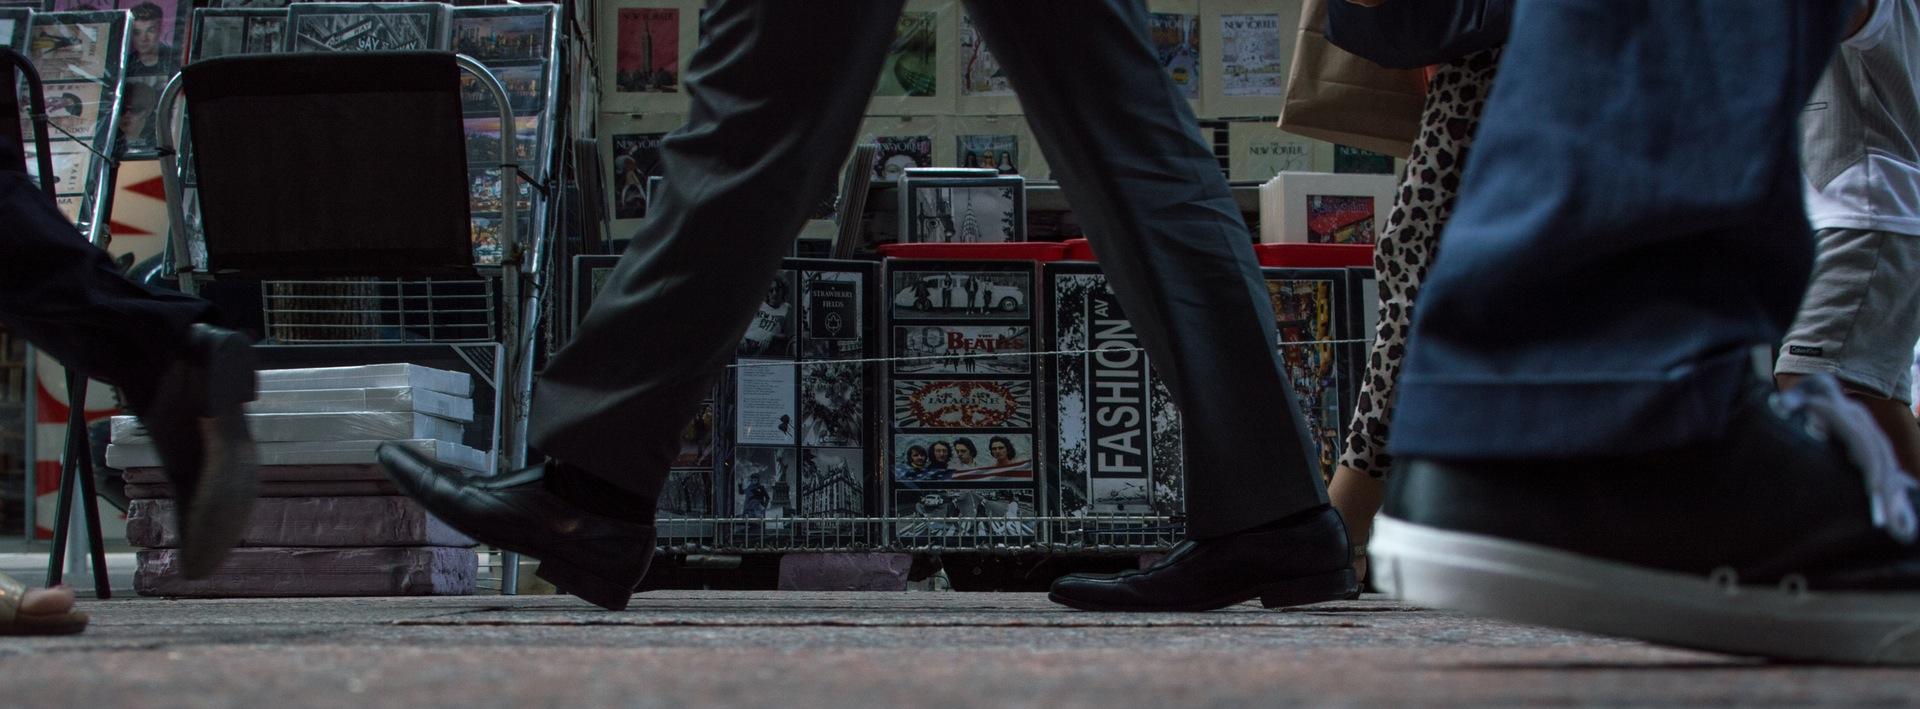 définit, gens, pieds, jambes, Rue, chaussures, entreprise - Fonds d'écran HD - Professor-falken.com